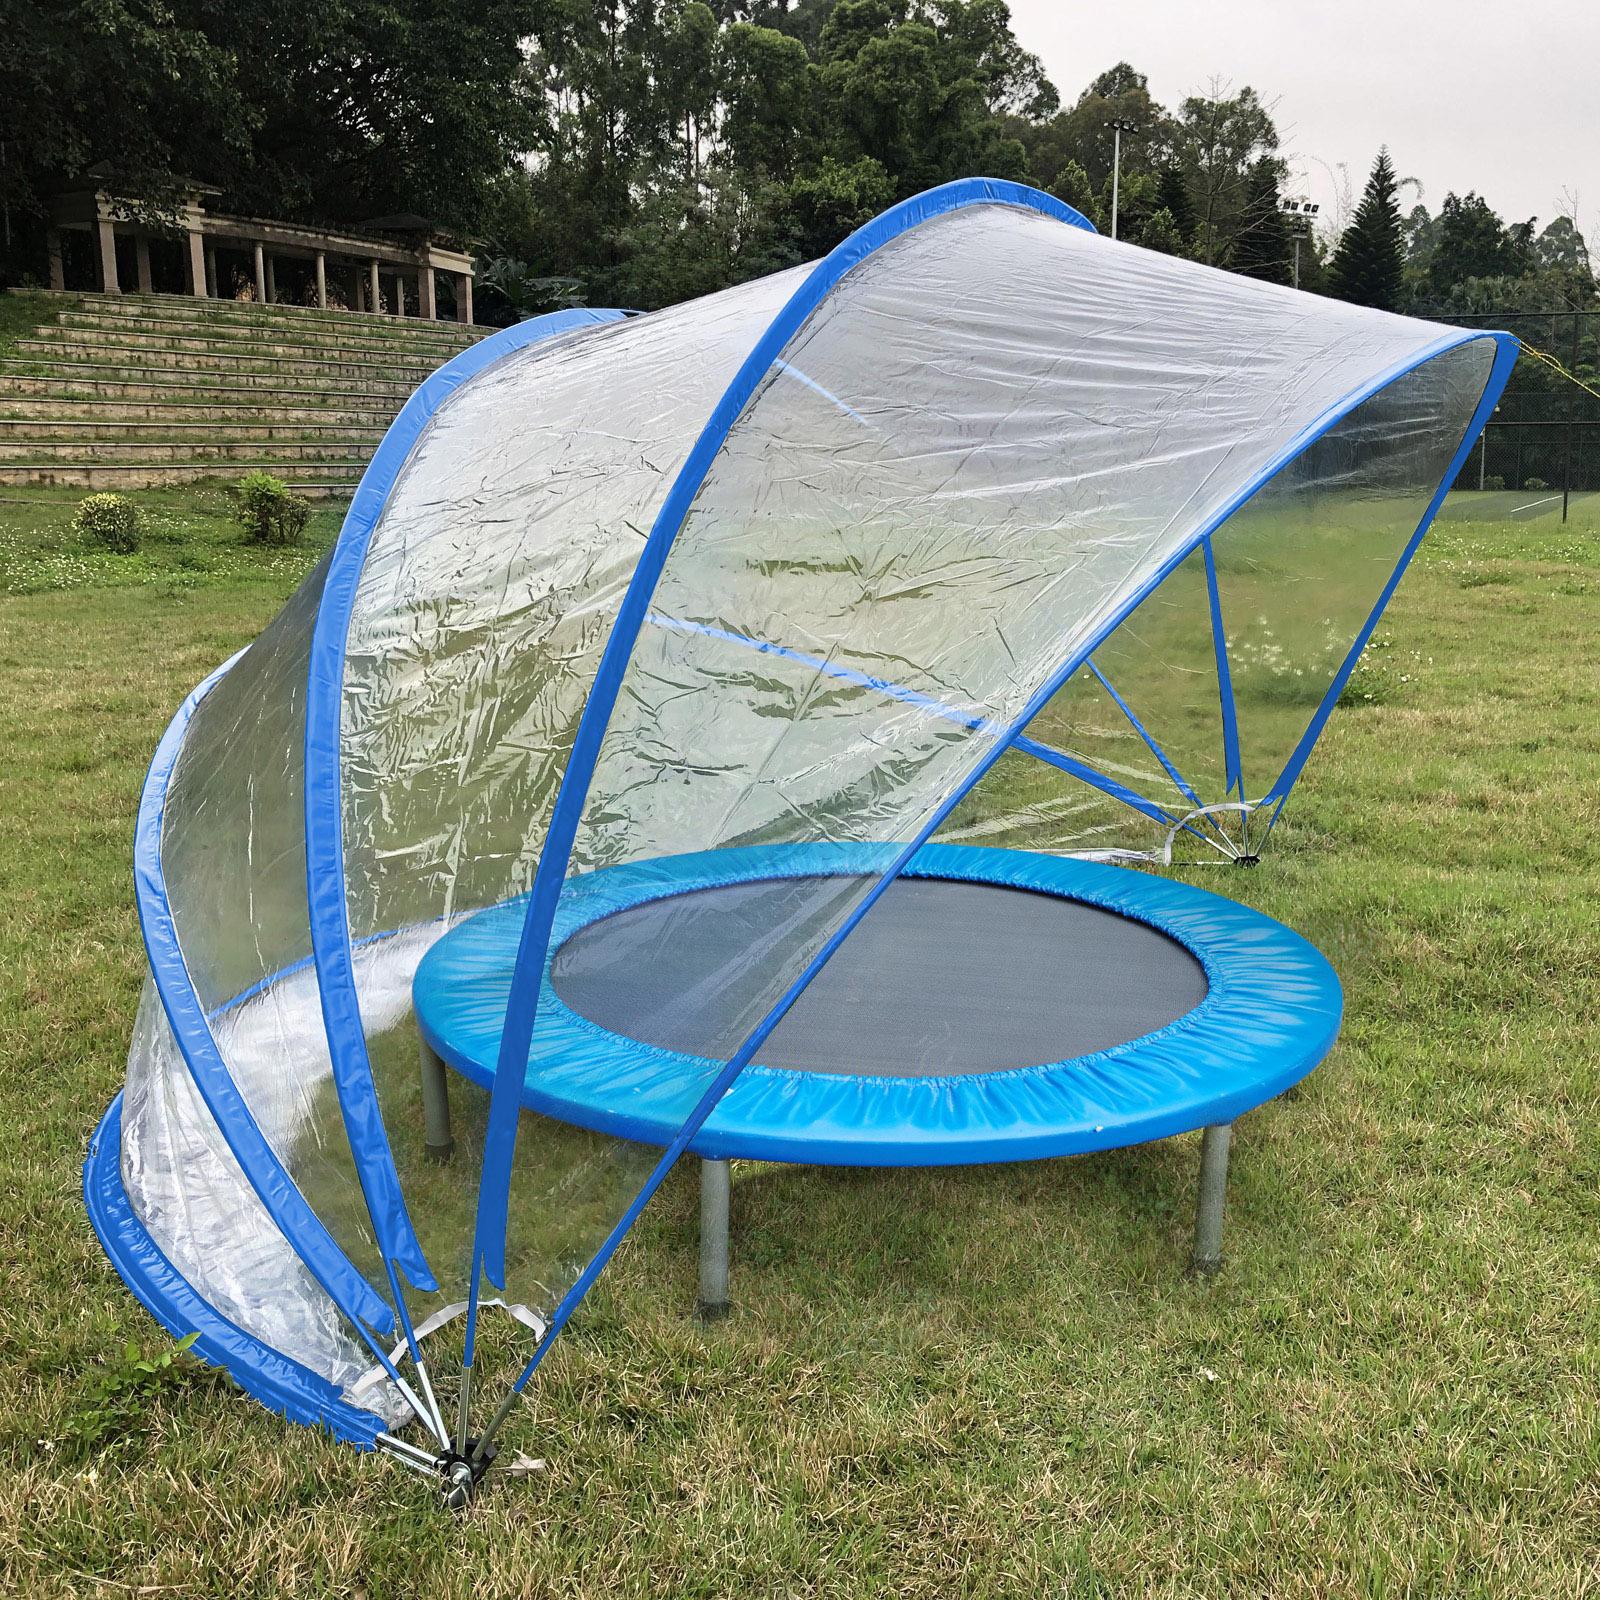 Steinbach 440x220cm Pooldach Gartendach Cabrio Dome für Aufstellpools blau